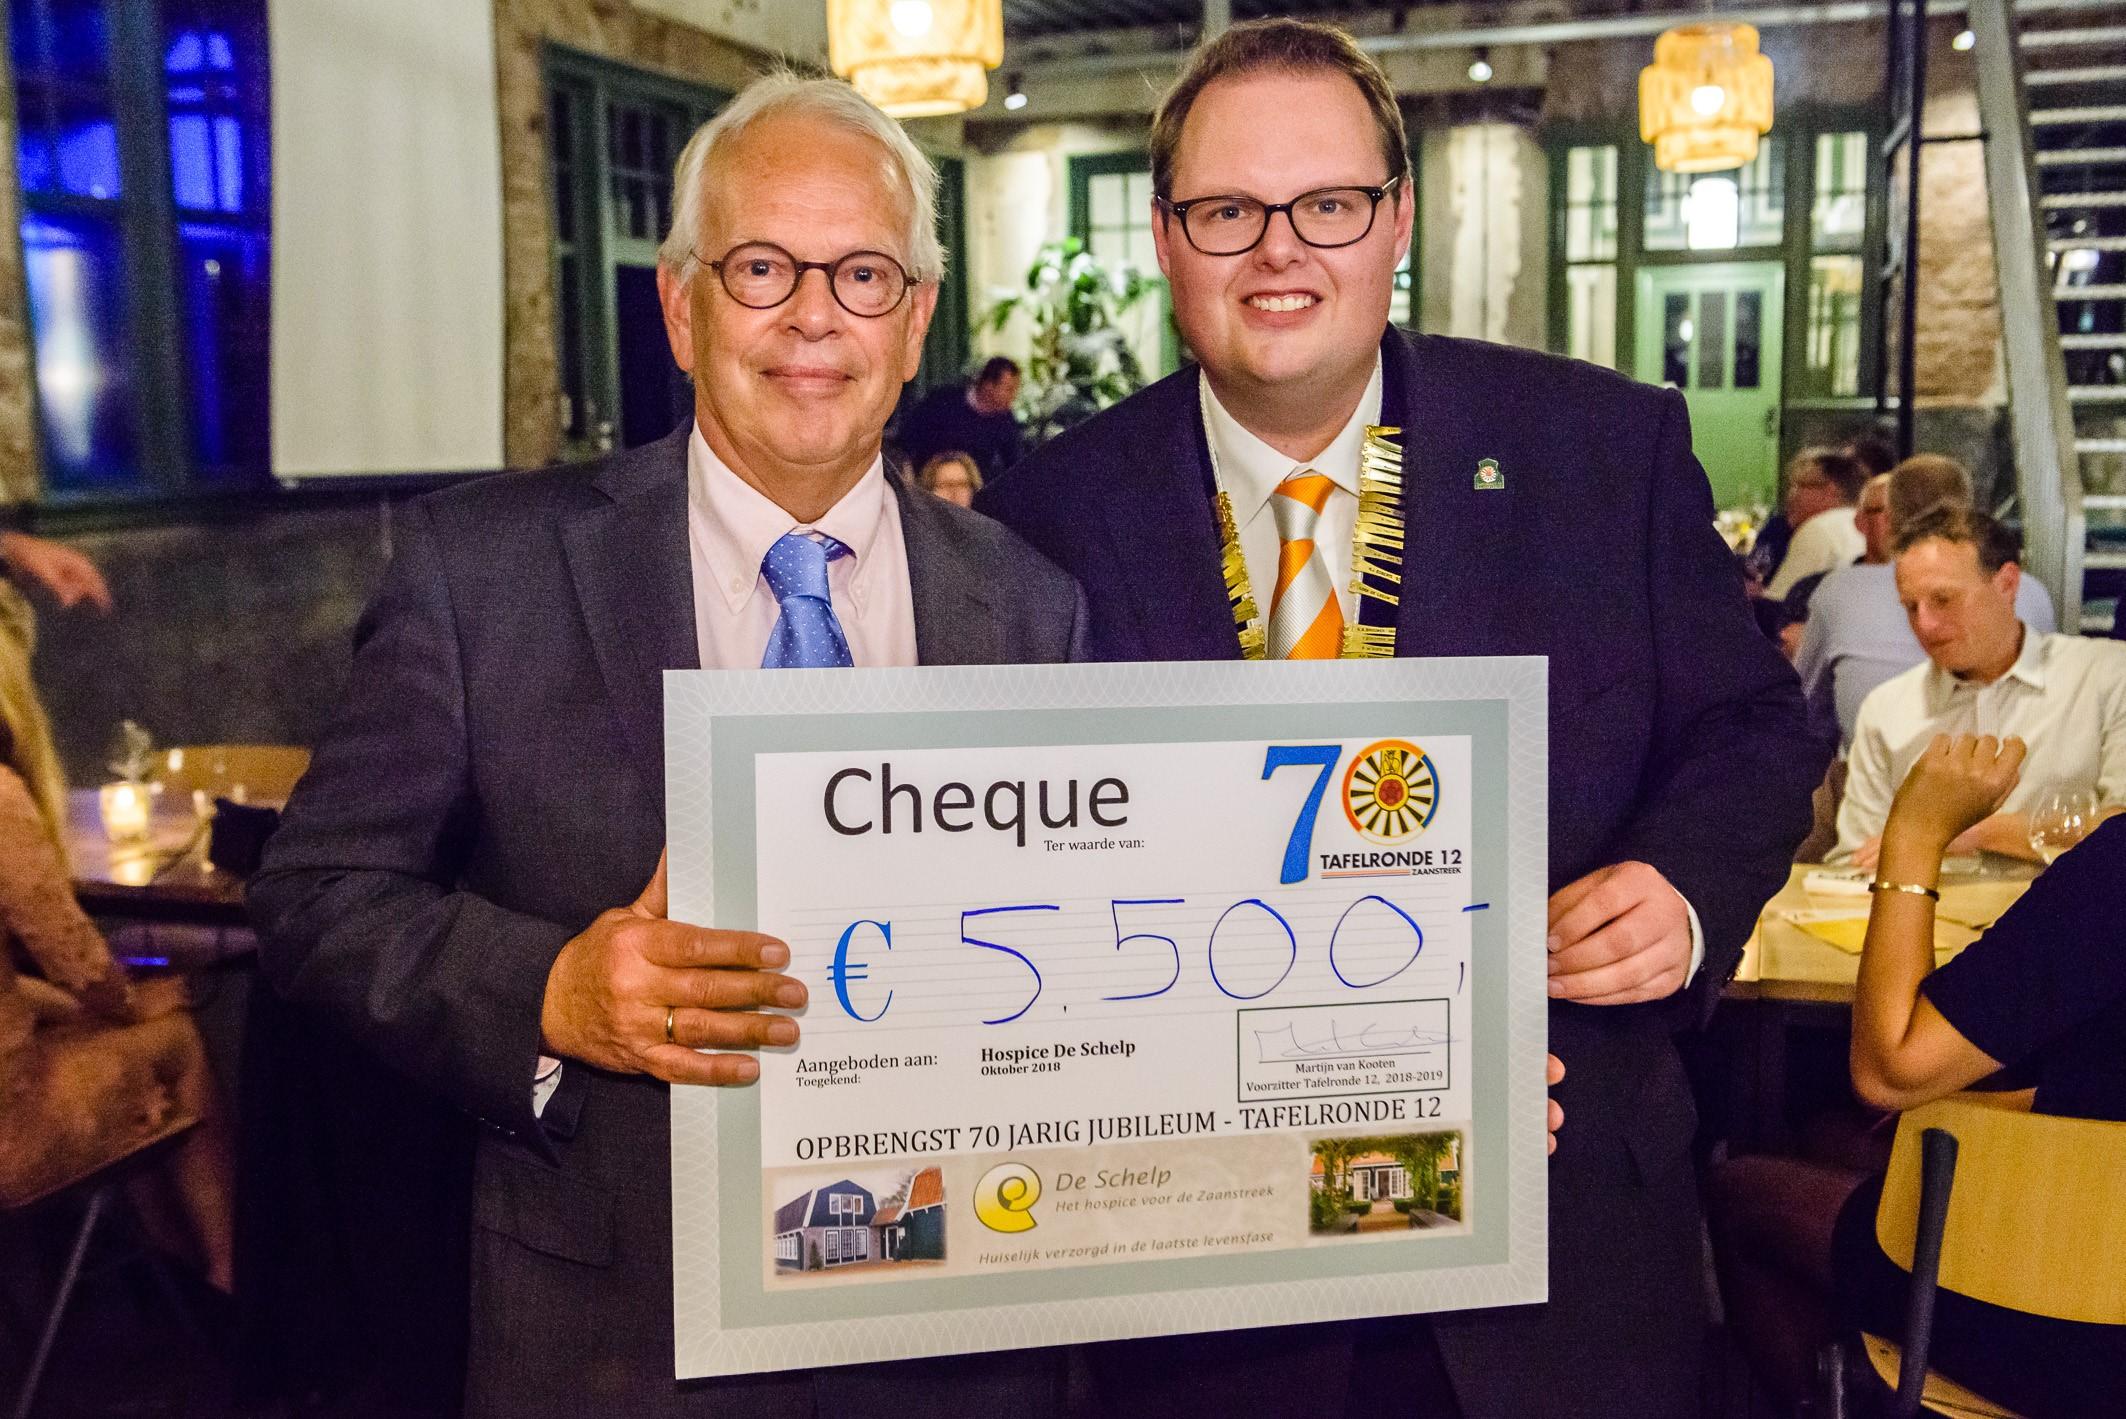 Hospice De Schelp ontving een cheque van 5.500 euro. (Foto: Pascal Fielmich / Tafelronde 12 Zaanstreek)